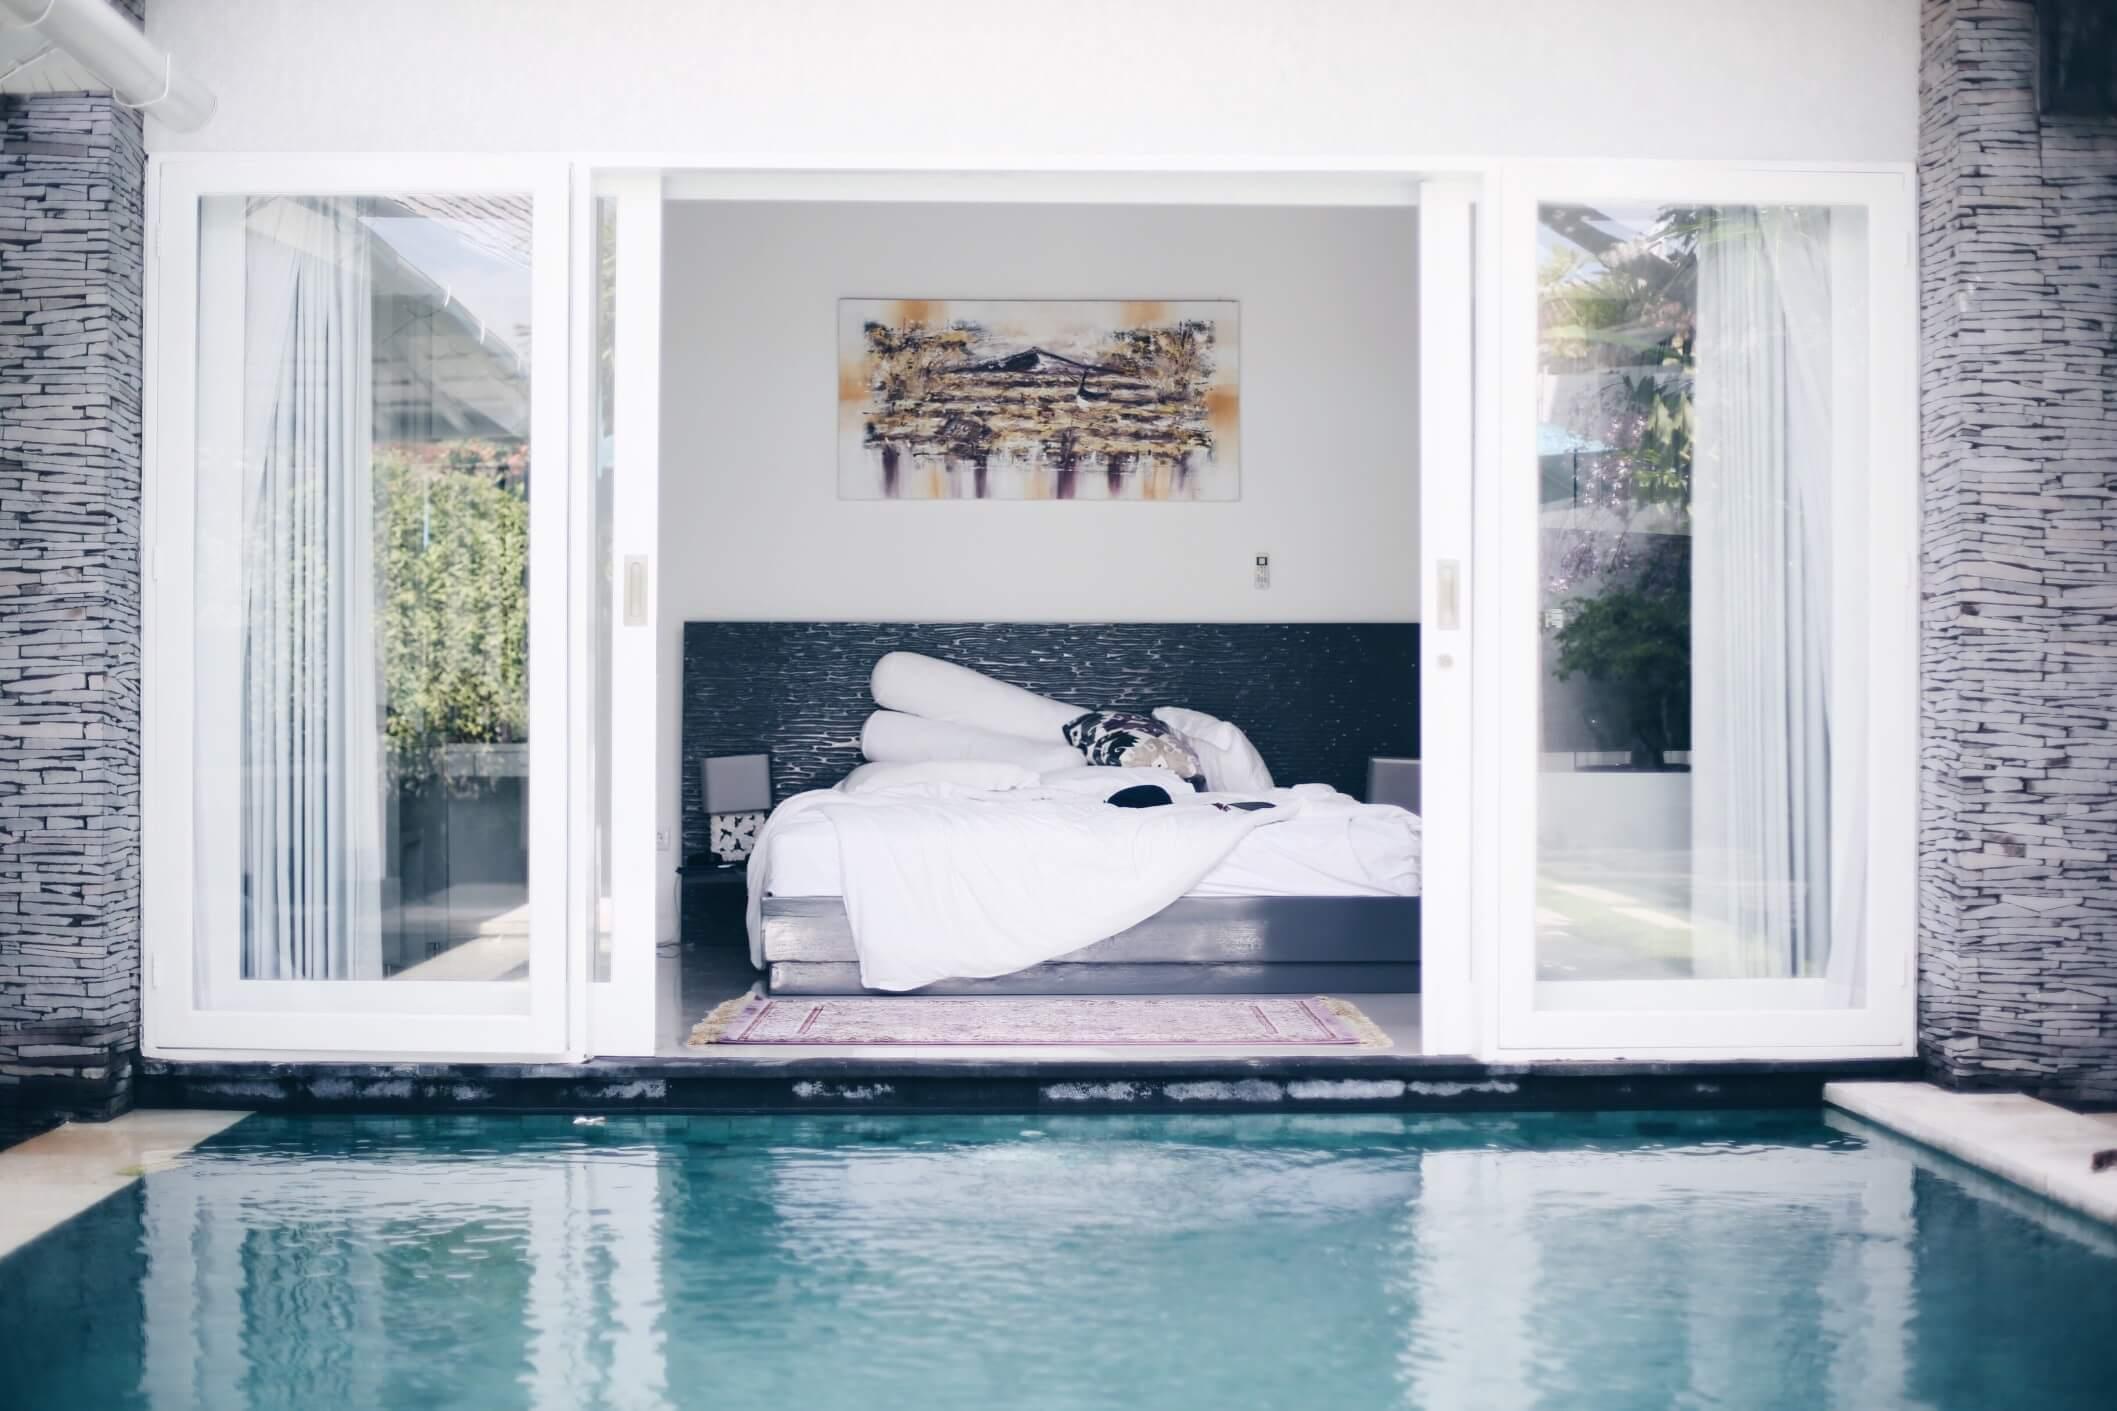 รีวิว 3 บริการจาก Photobook ภาพติดผนัง แคนวาส คุณภาพระดับโลก ออกแบบเองได้ #แจกโค้ดลด90% 🚨 16 - decor